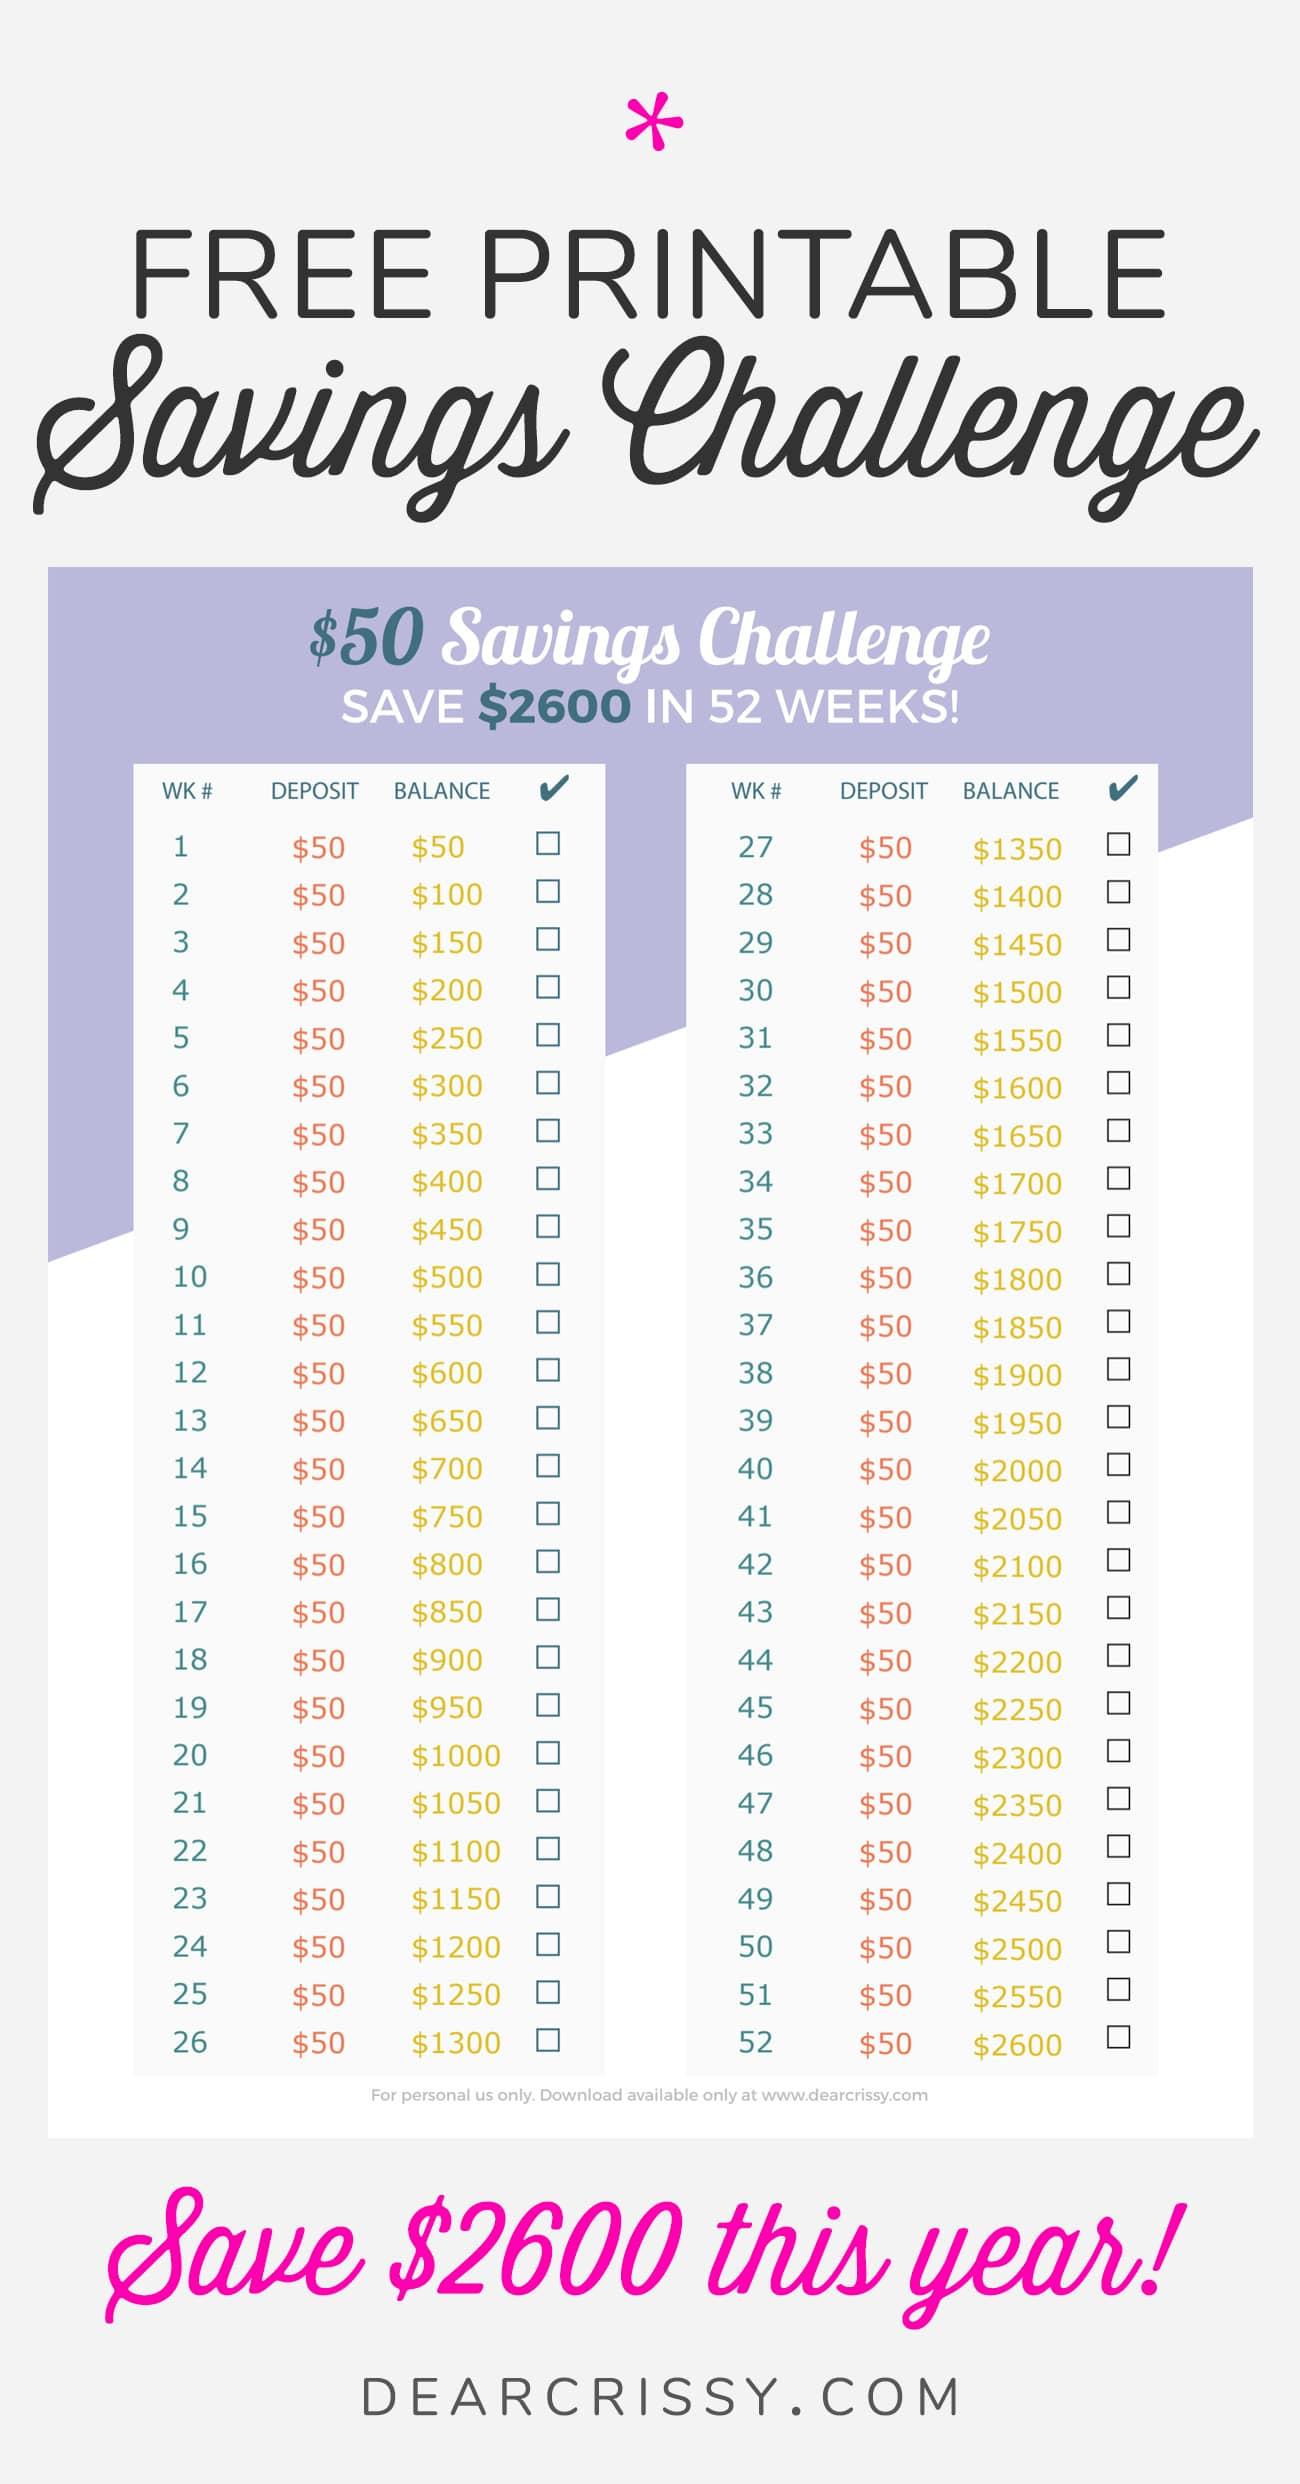 Free Printable $50 Money Savings Challenge - Save $2,600 This Year! #MoneySavings #Budget #Printable